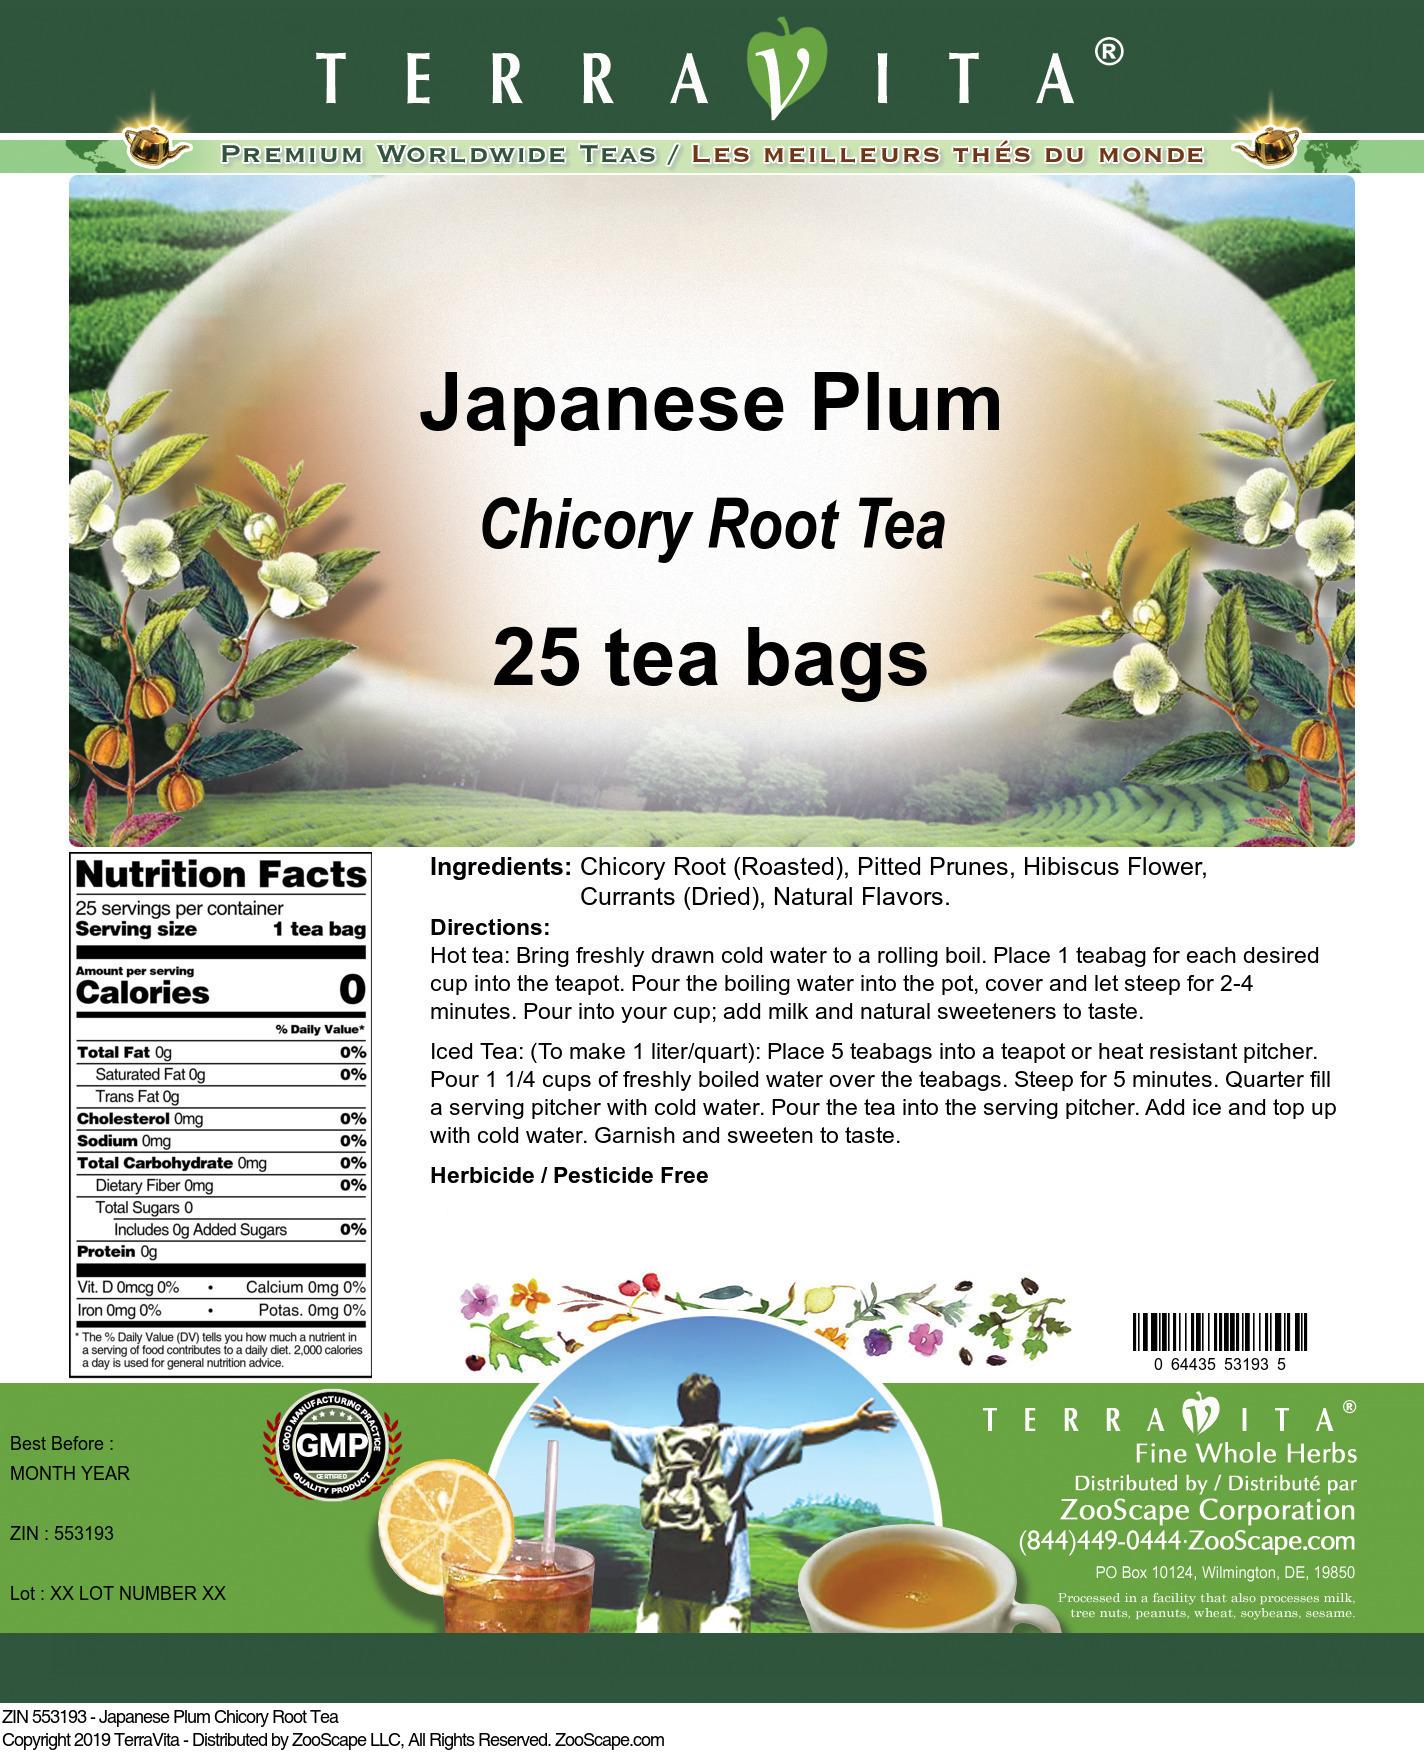 Japanese Plum Chicory Root